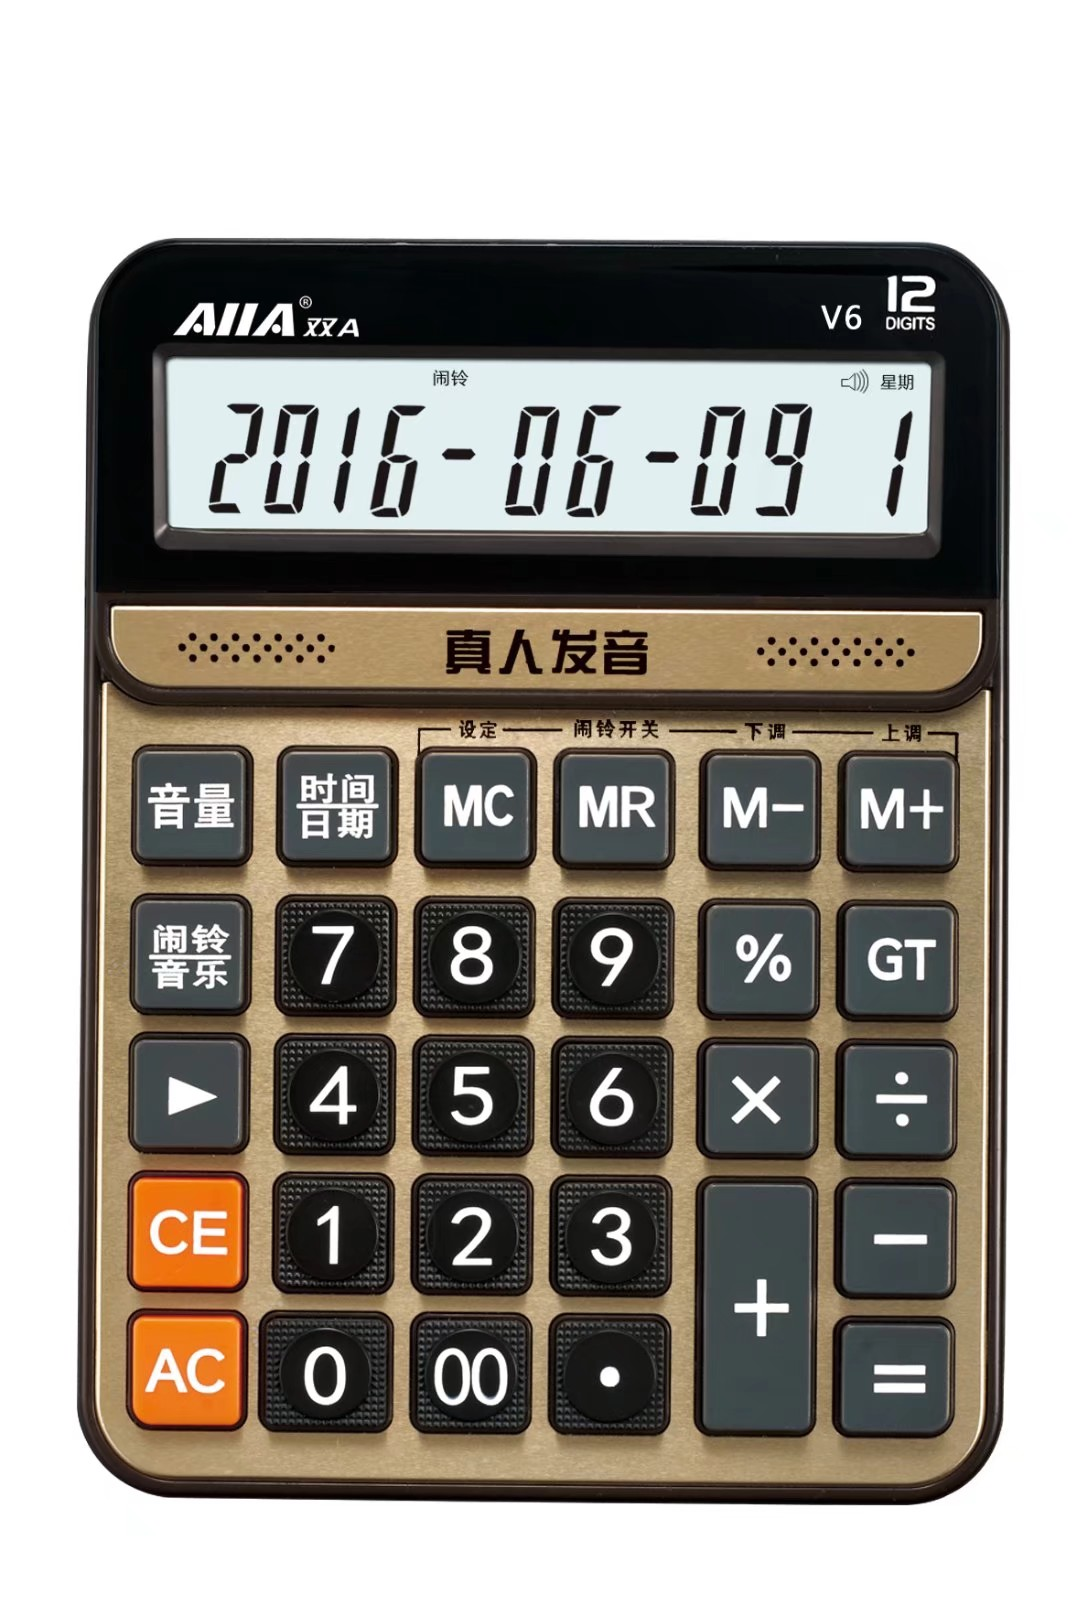 双A语音计算器 V-6财务会记银行专用12位显示电脑按键计算器